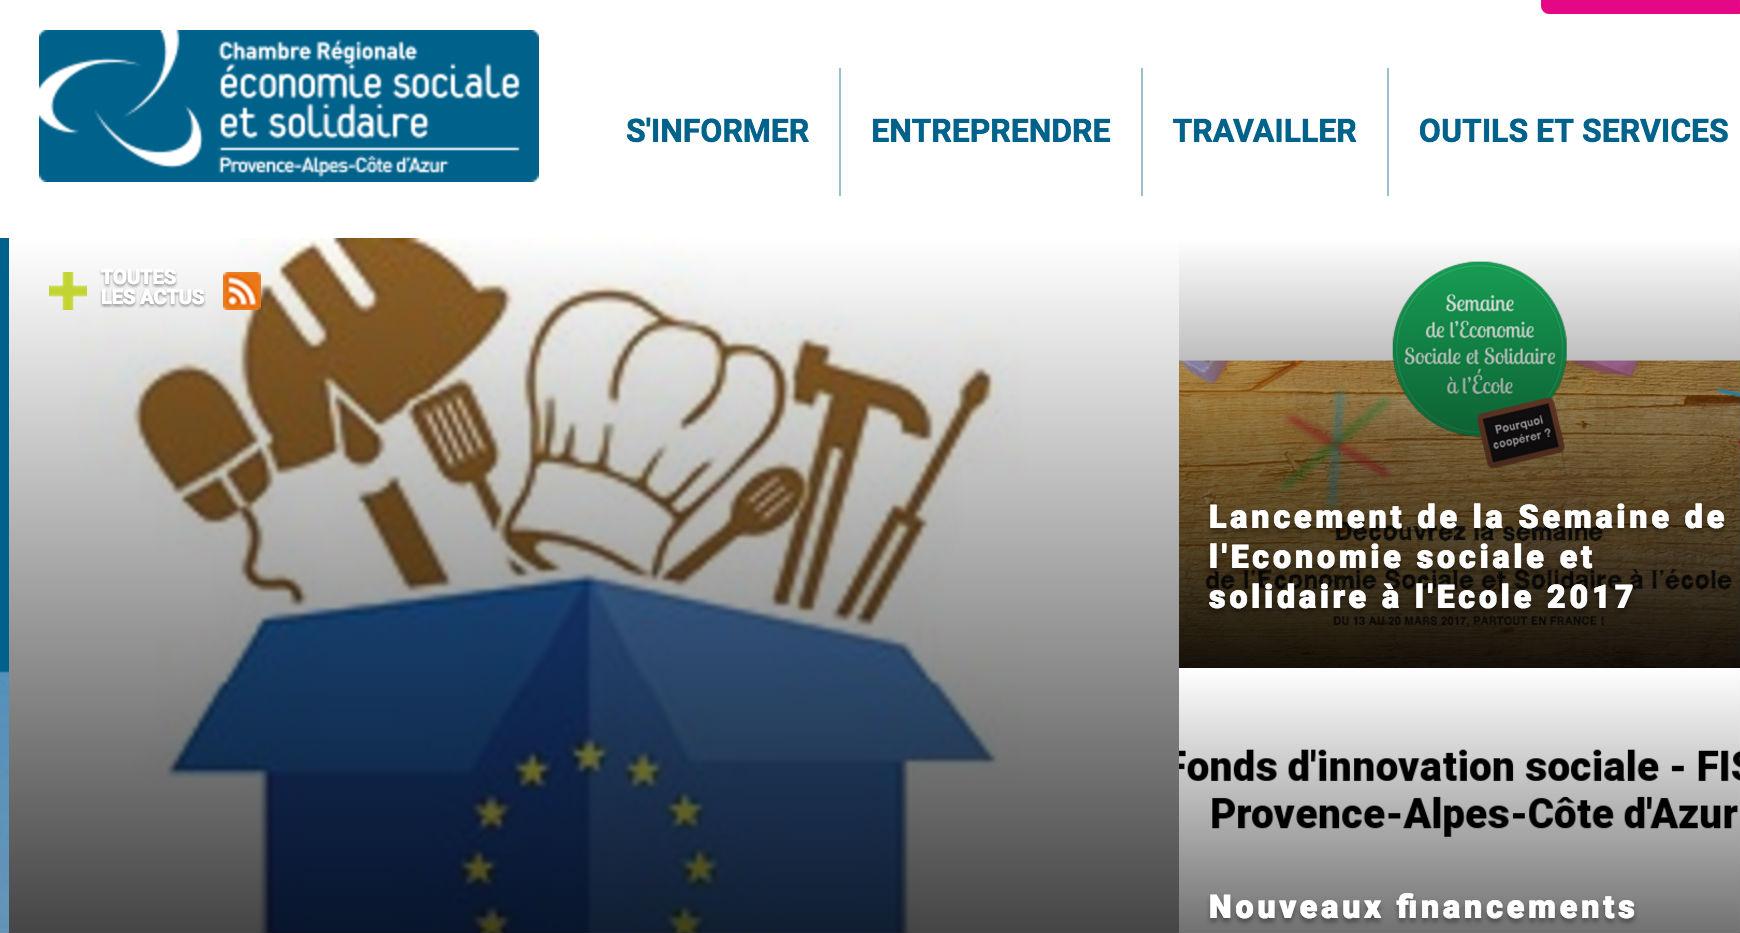 La liste des entreprises de l conomie sociale et - Chambre regionale de l economie sociale et solidaire ...